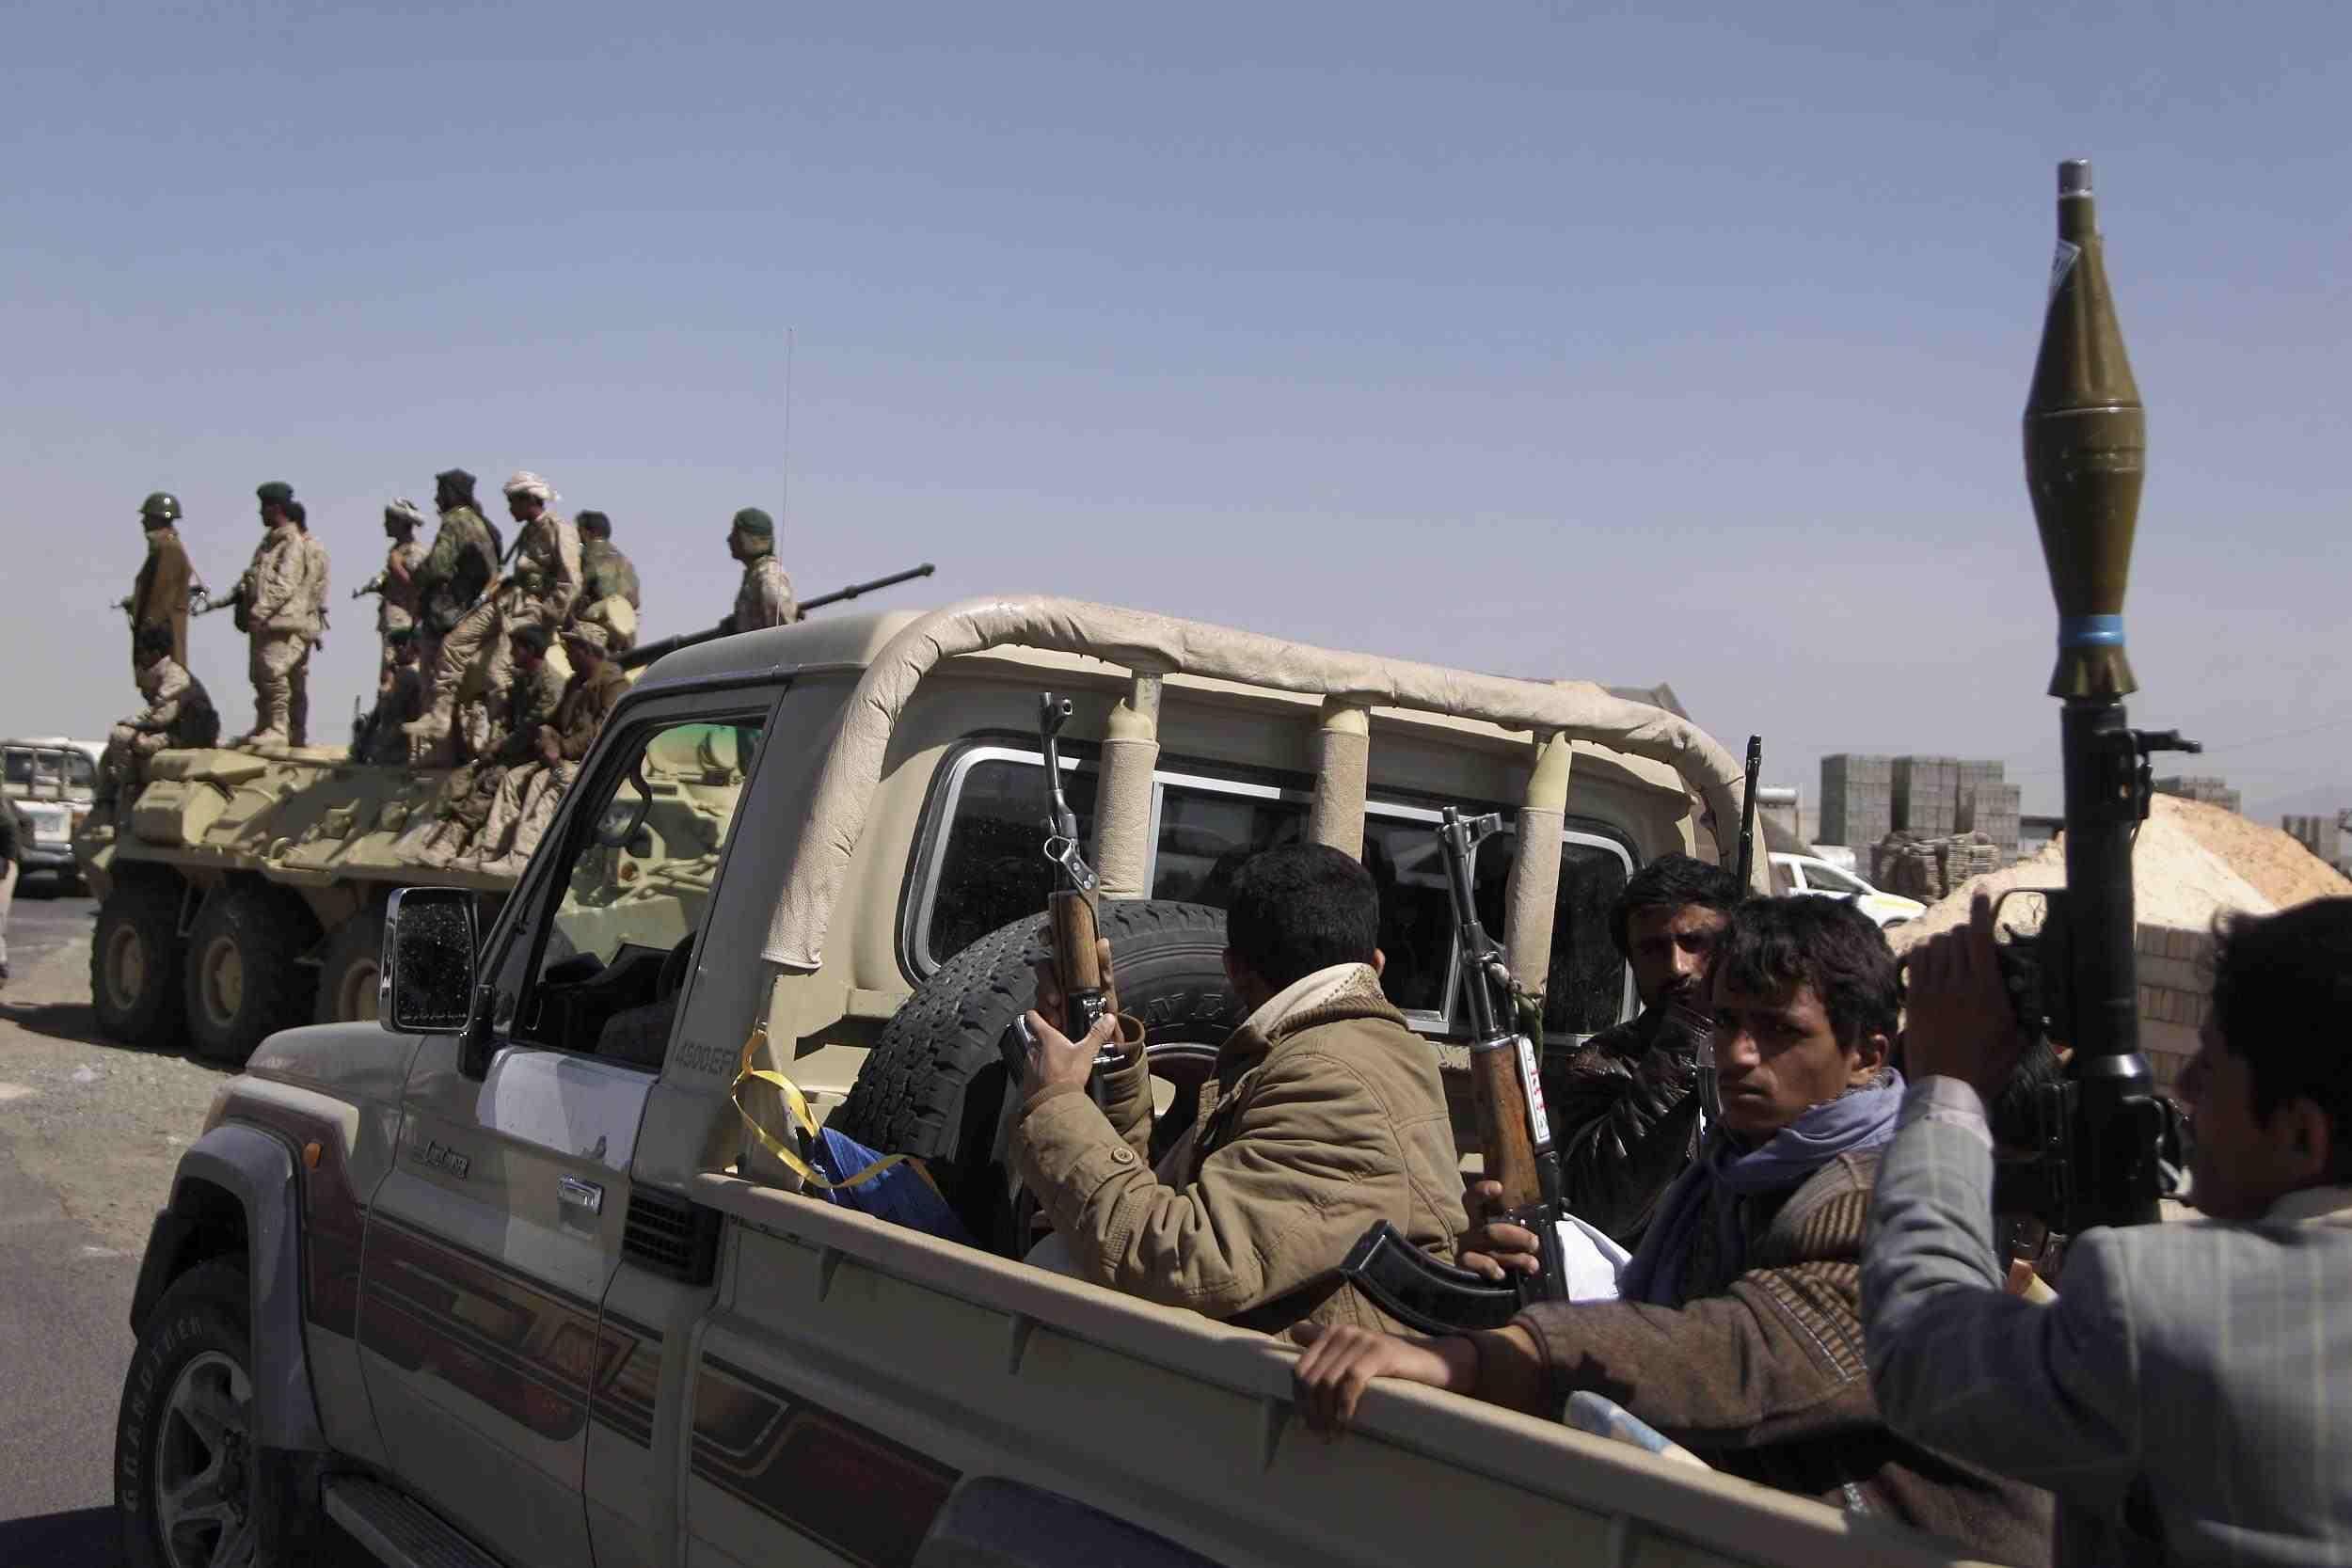 """أوقع 5 قتلى بينهم امرأة وإصابة .. """"حقوق الانسان"""" تدين هجوم الحوثيين على قرية في ذمار"""